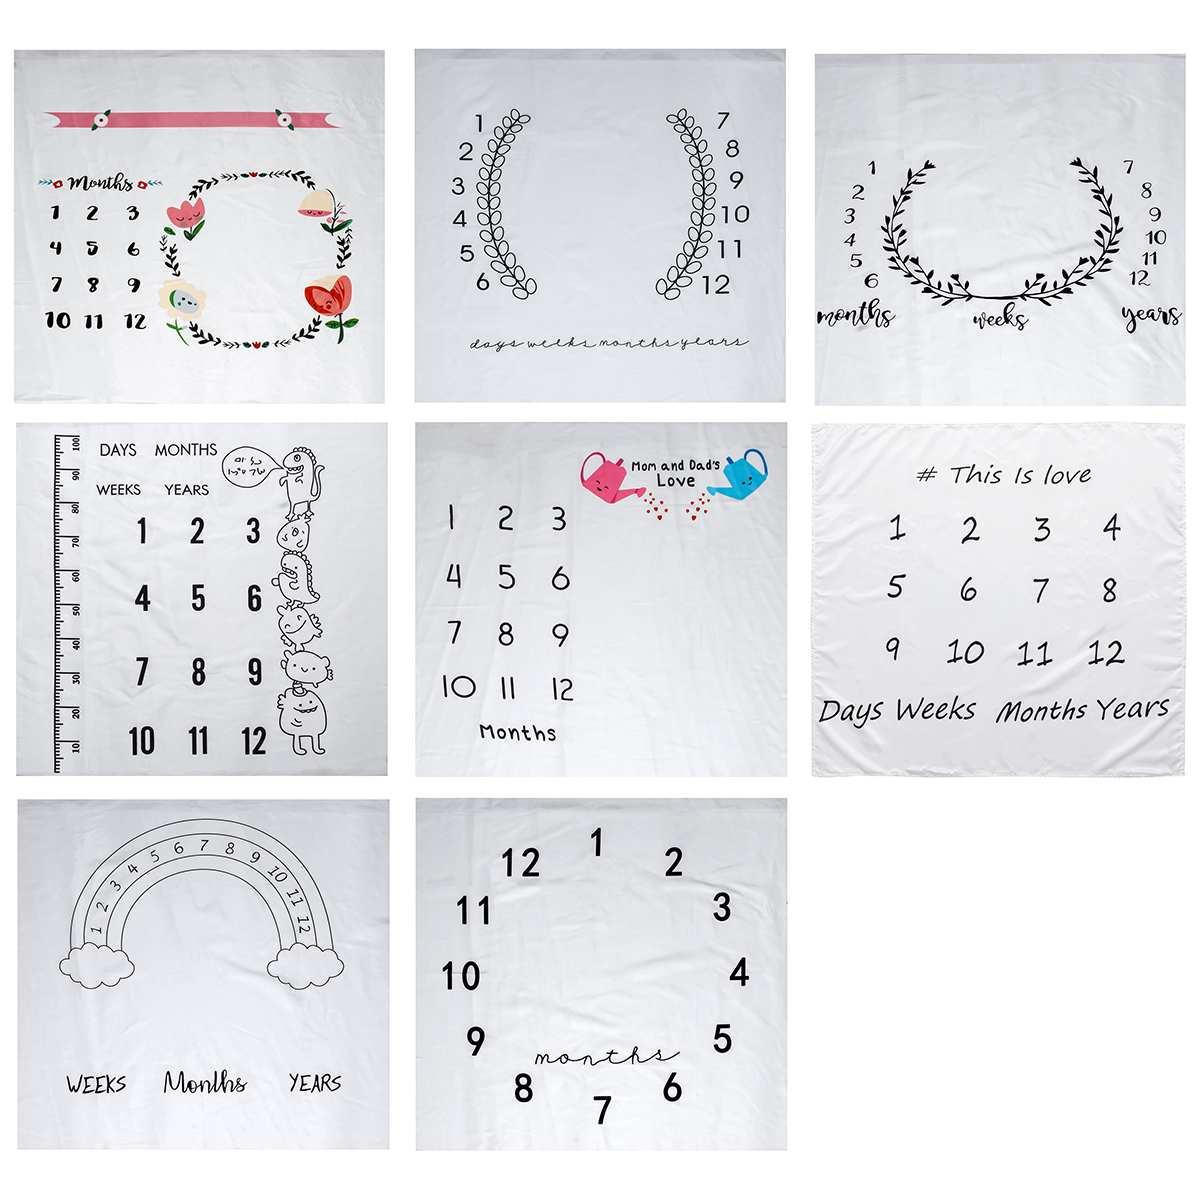 Alfombra de juegos para niños INS, alfombra para gatear para niños, Alfombra de juegos con números y calendario, Alfombra de juegos infantil, decoración para habitación, atrezos para fotografía de bebés